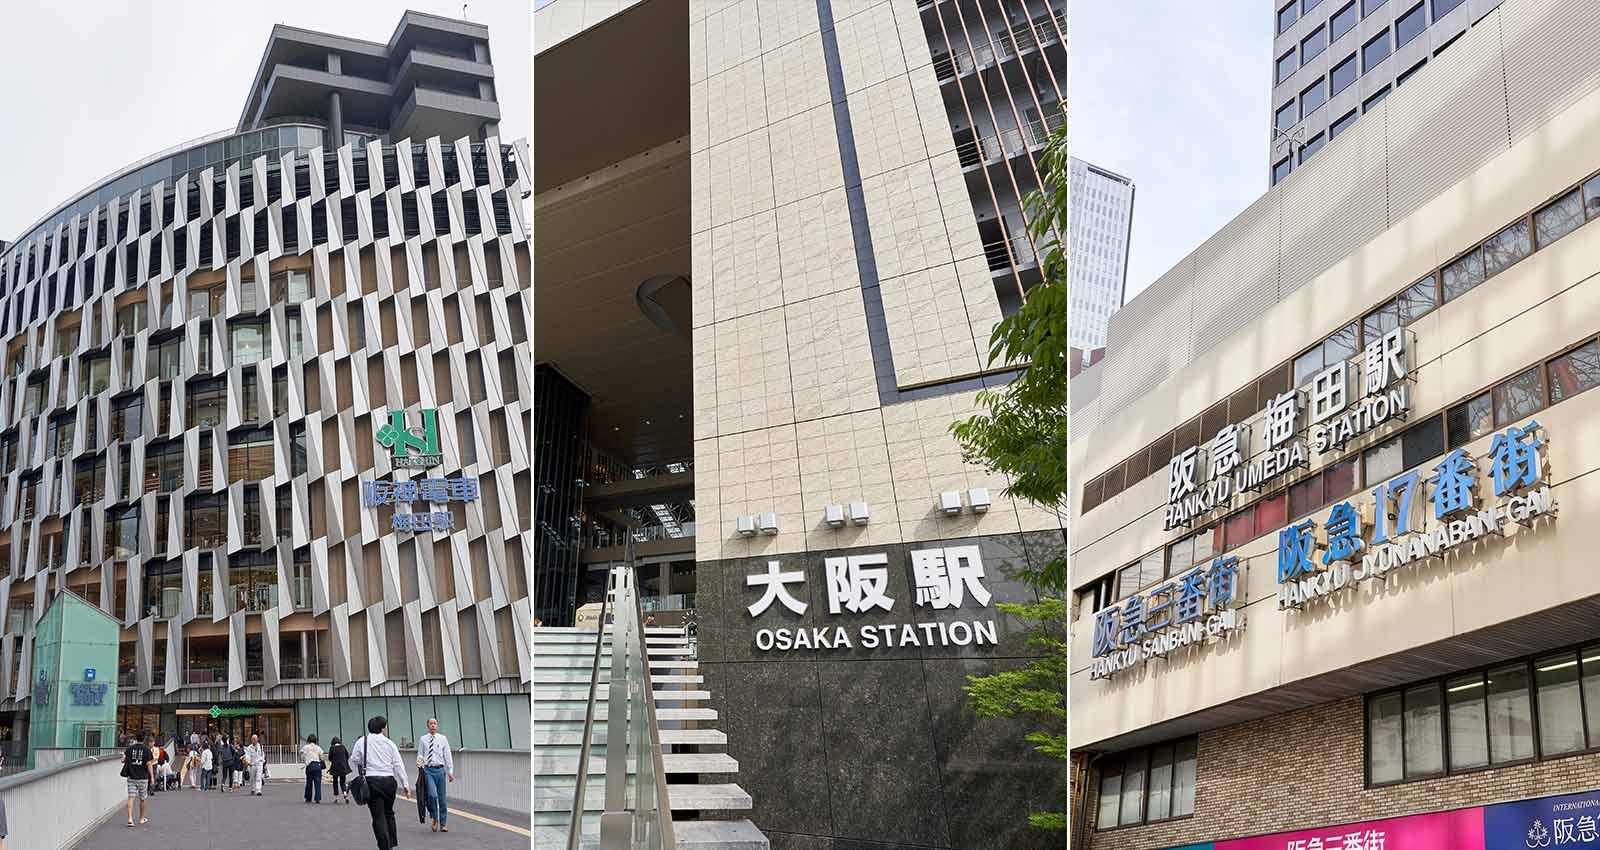 阪神梅田駅・JR大阪駅・阪急梅田駅